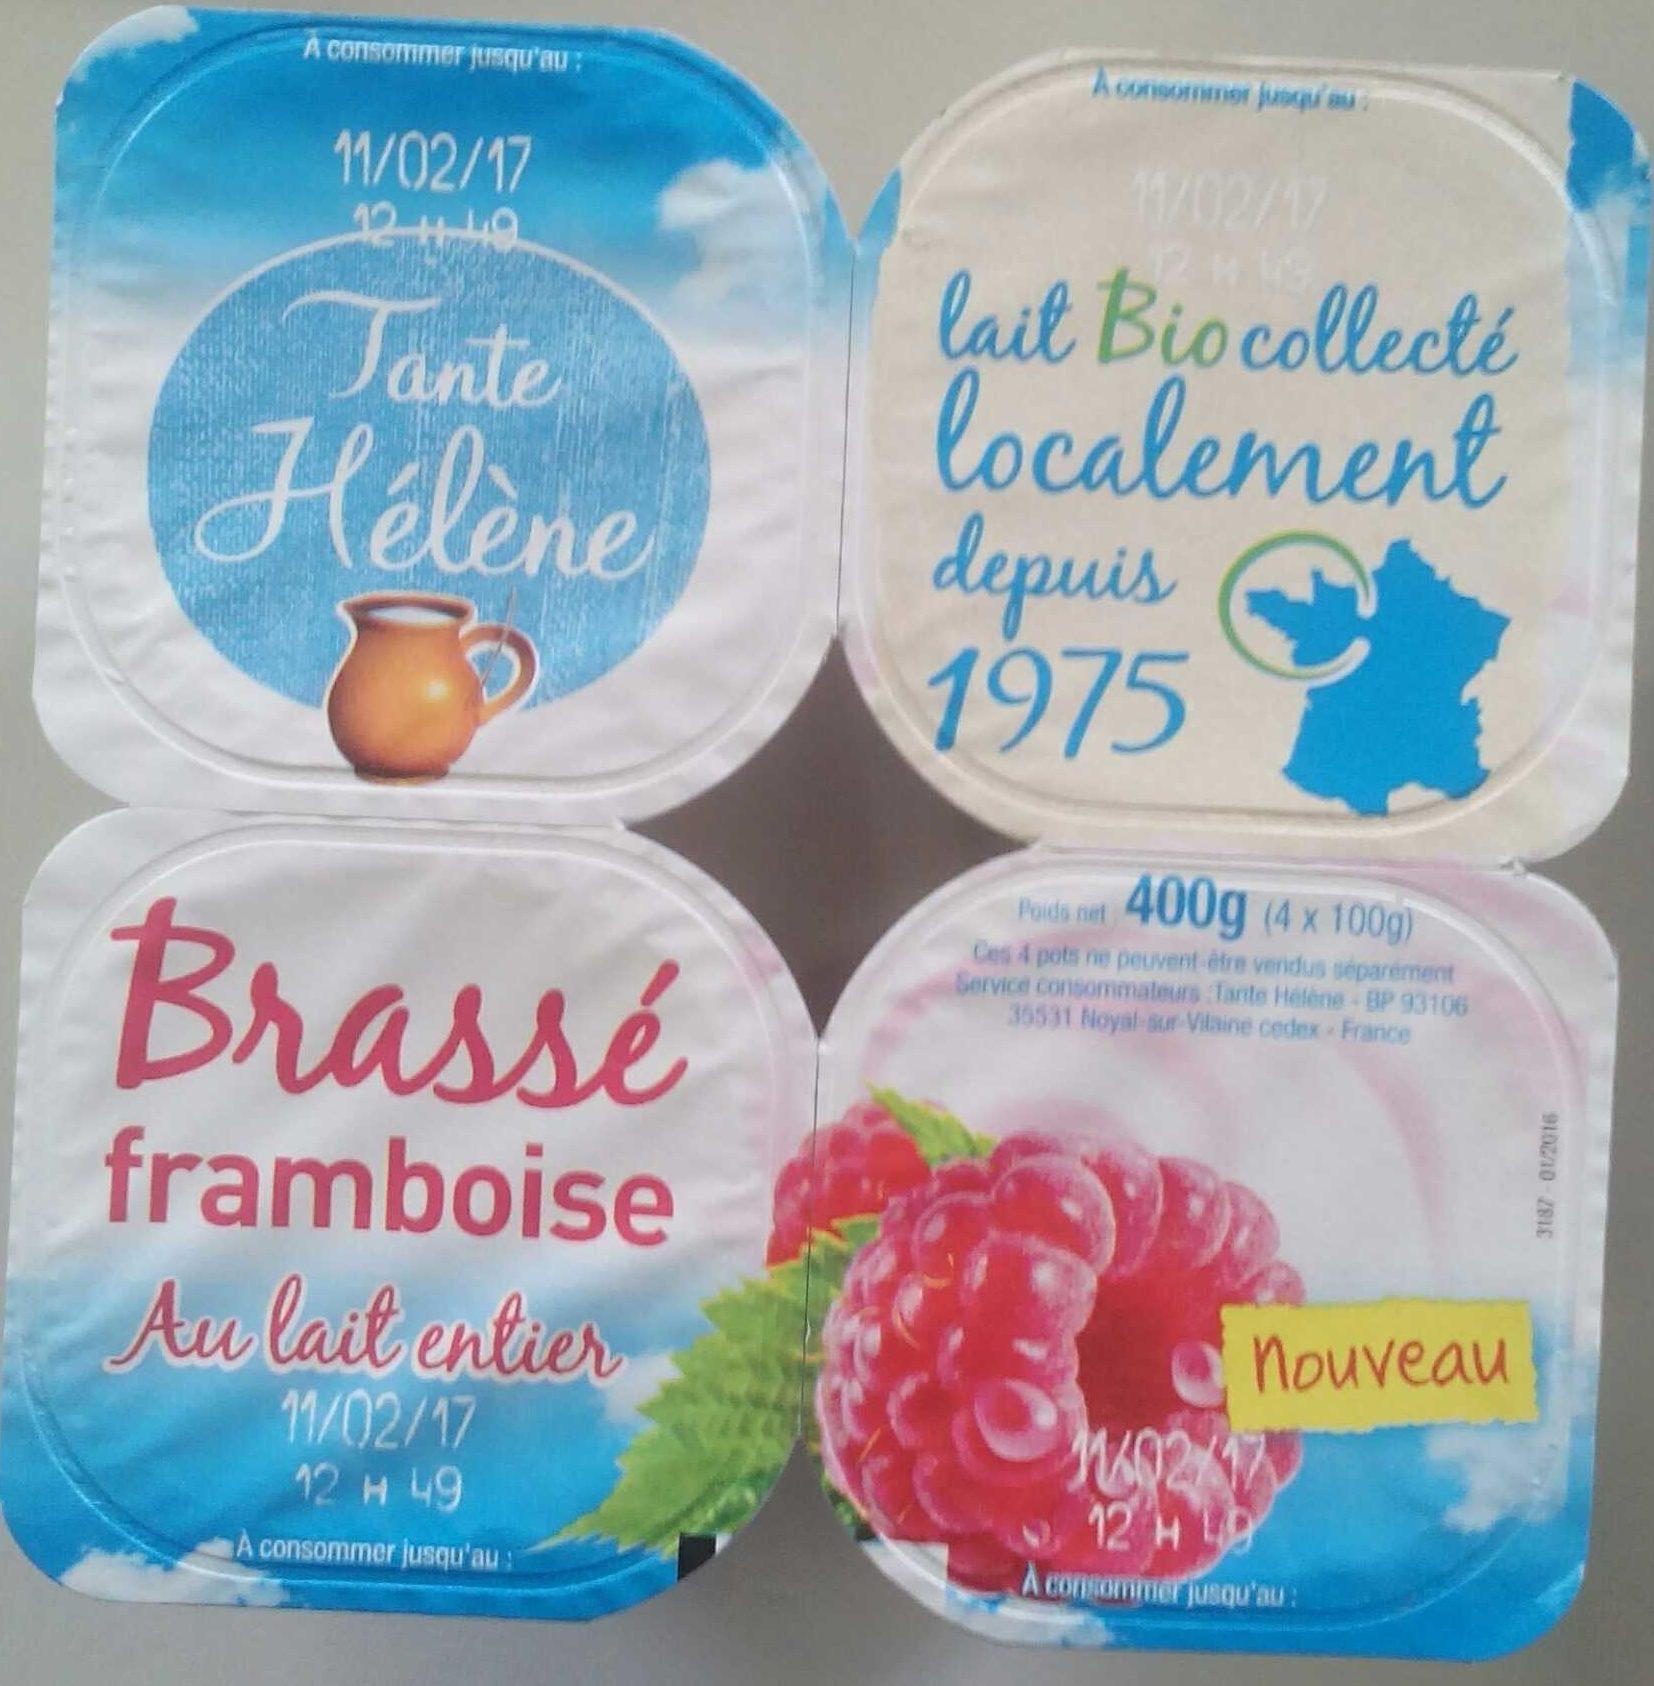 Brassé framboise Au lait entier - Produit - fr